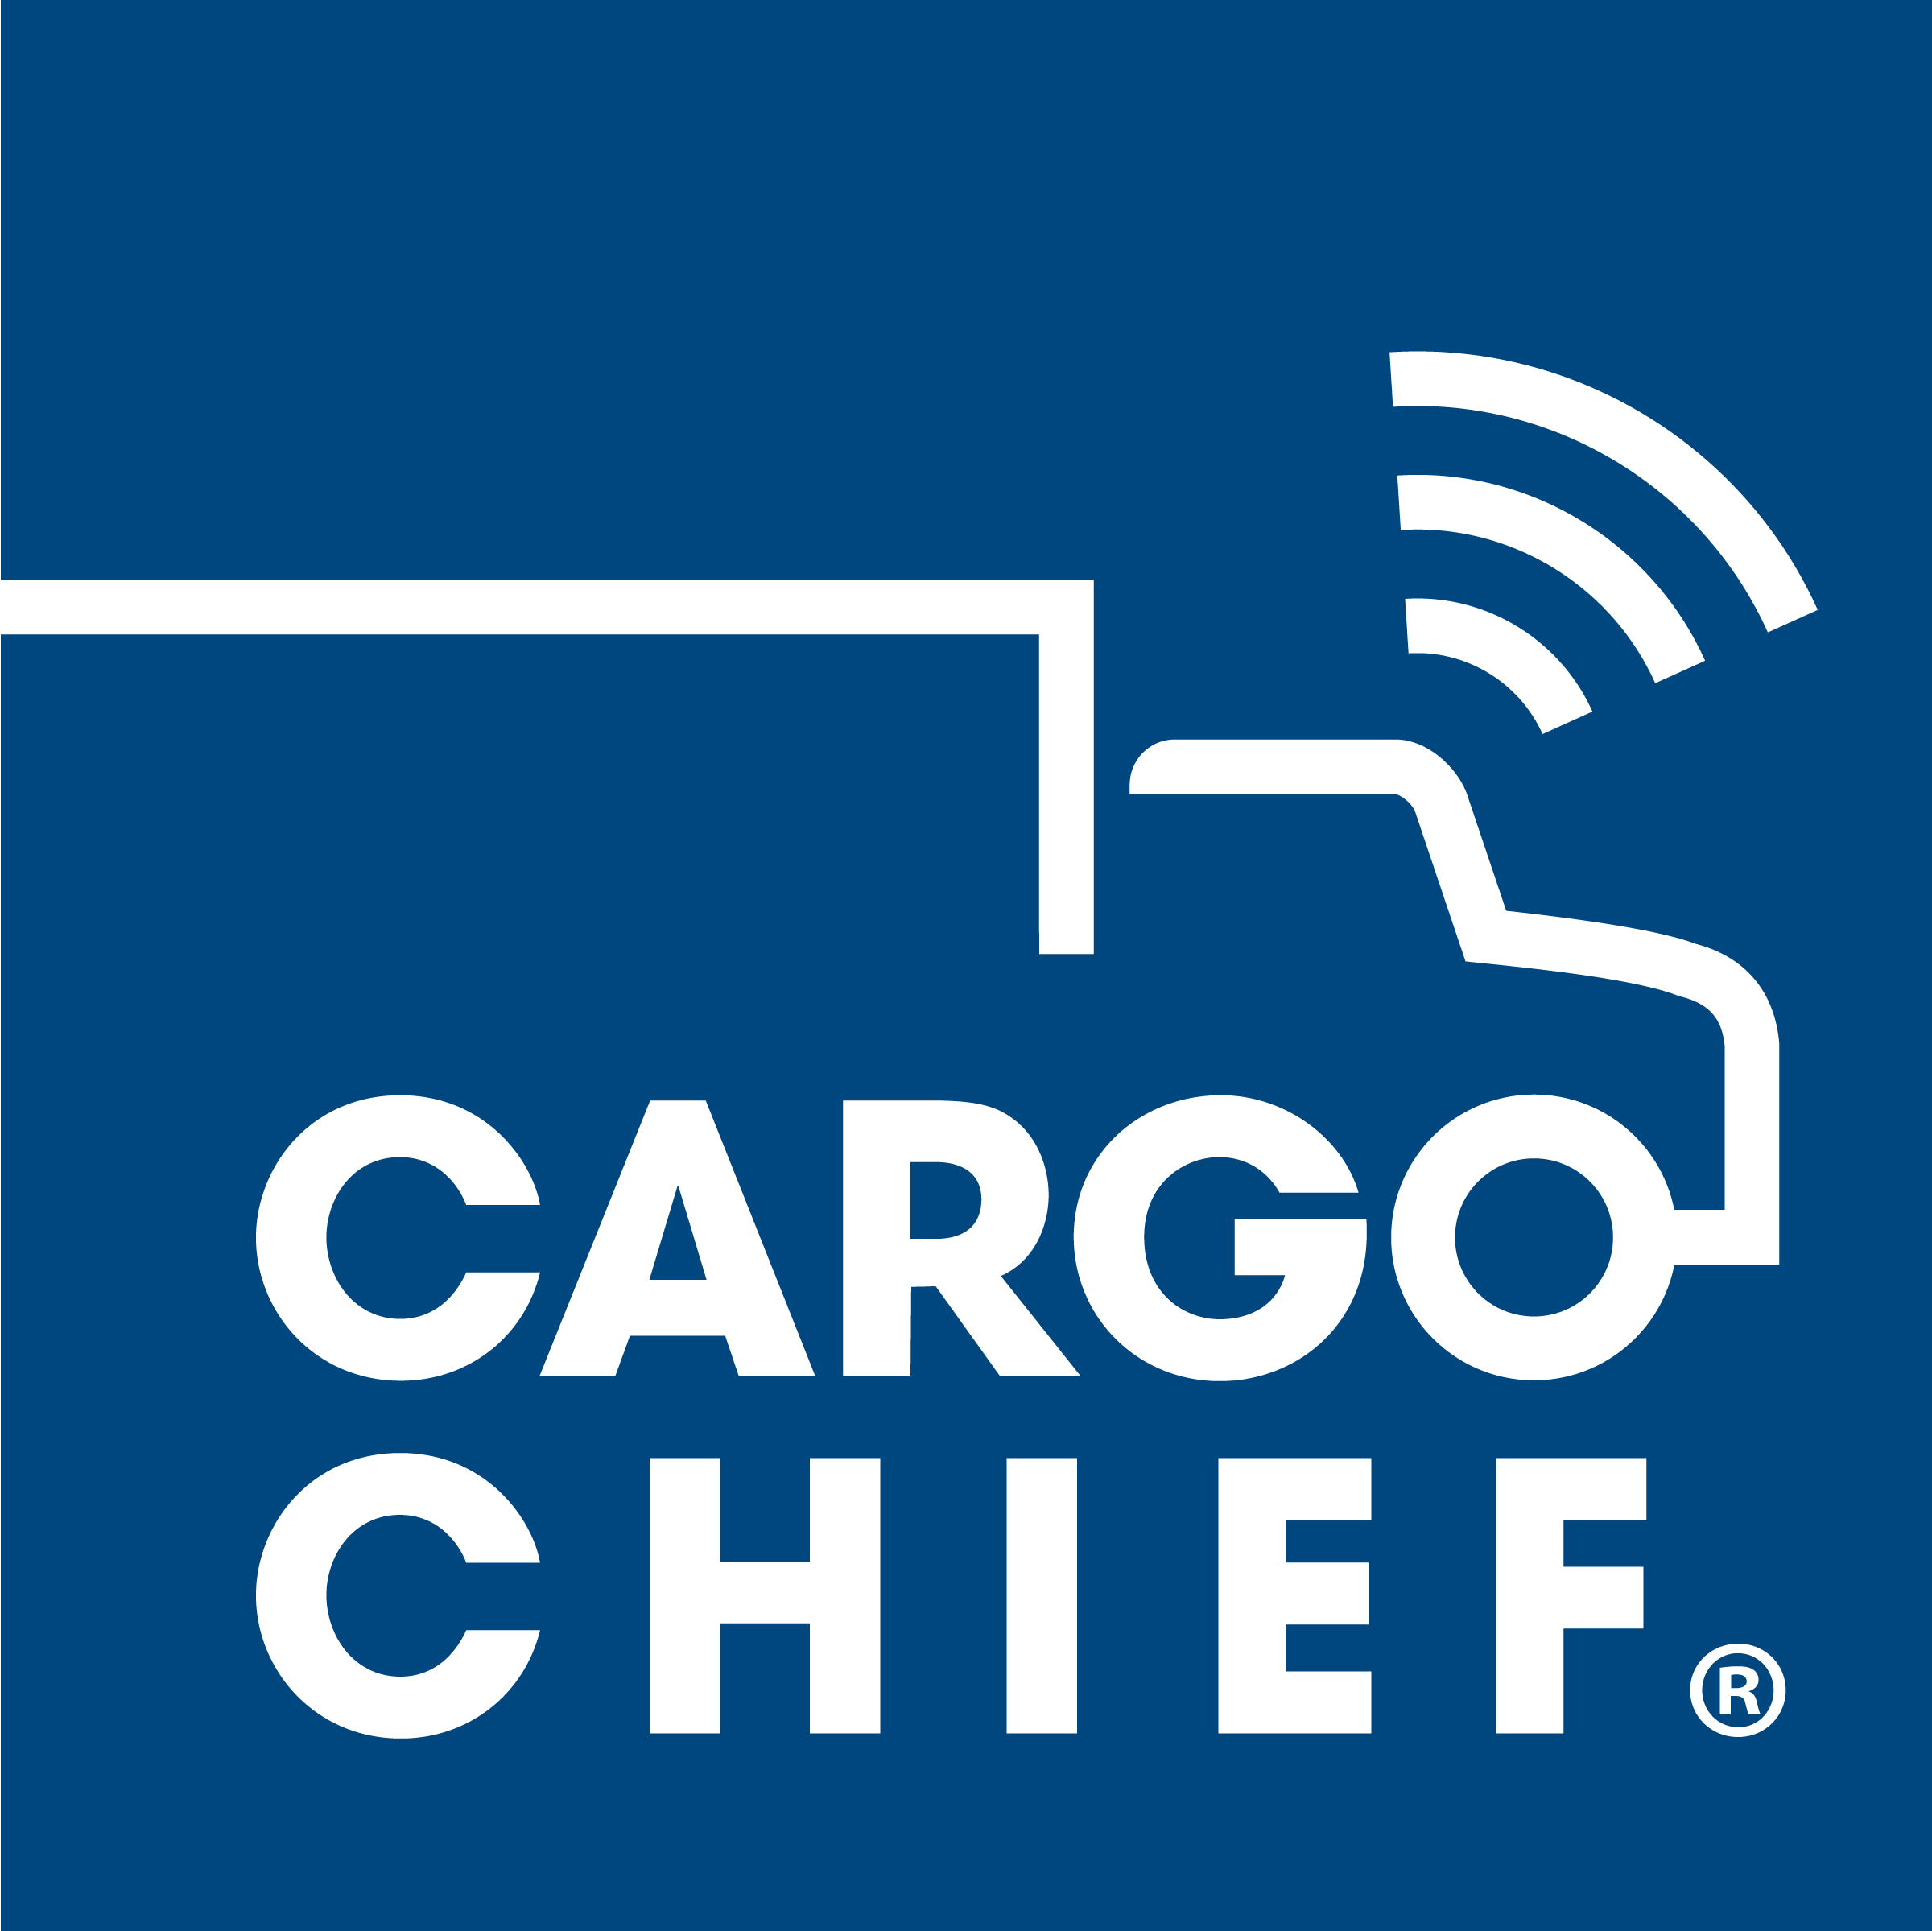 Cargo Chief